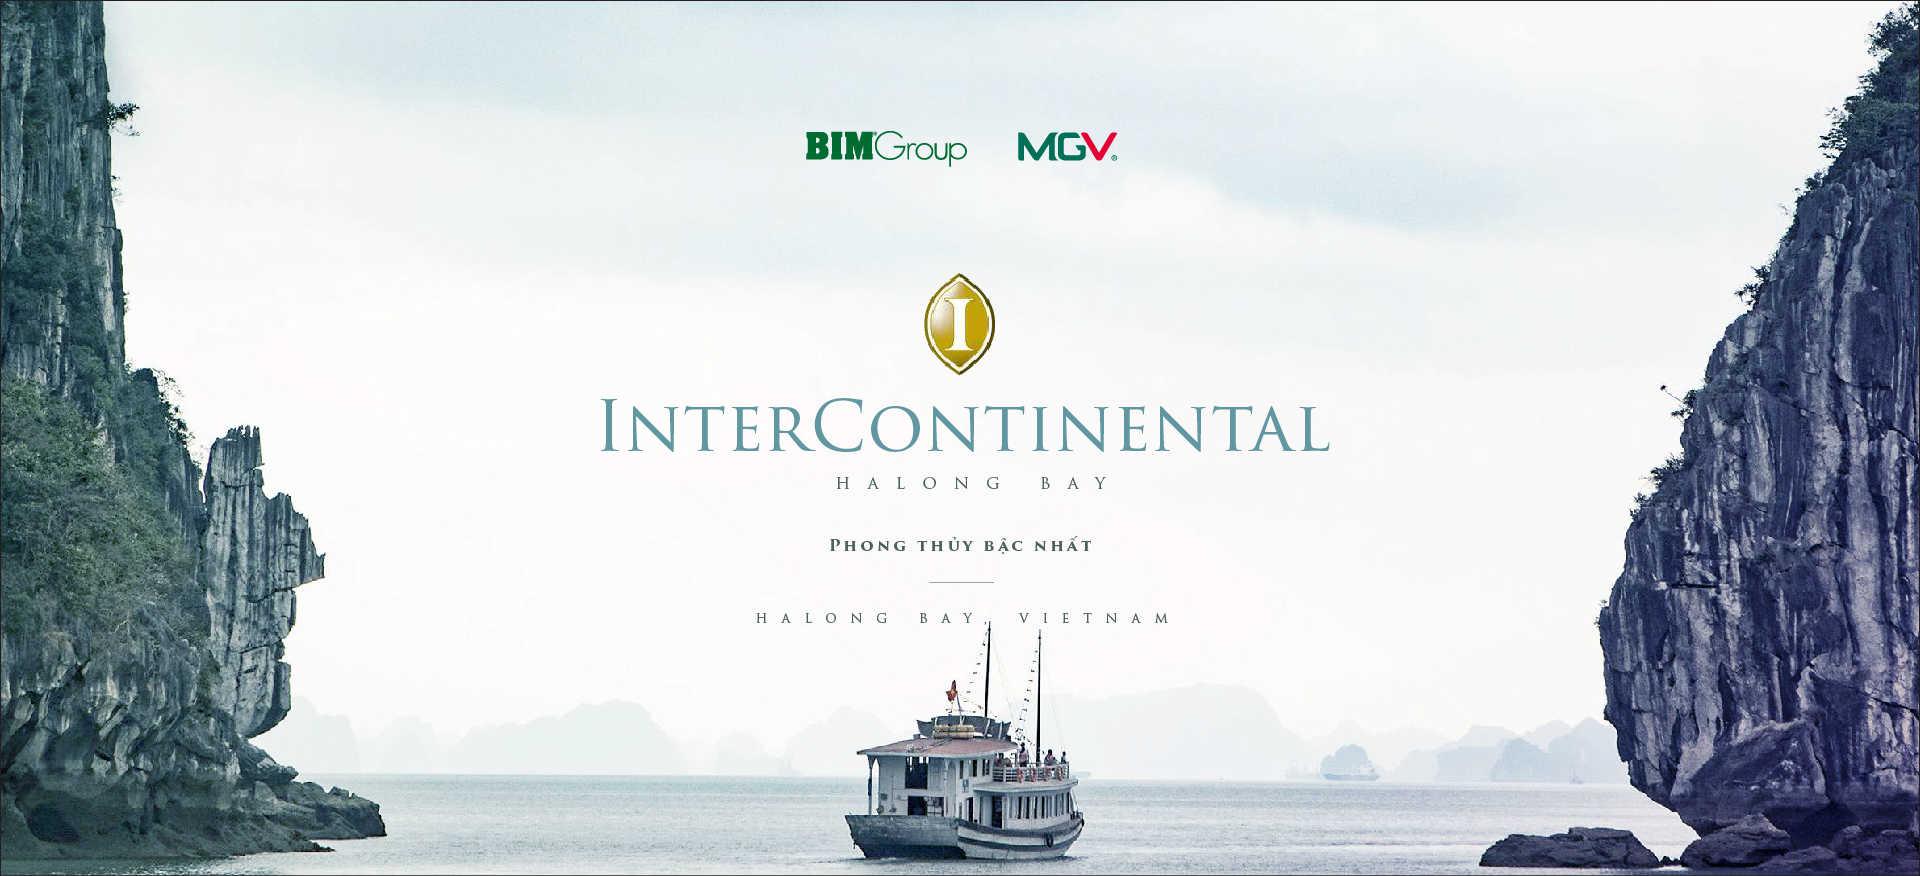 intercontinental-halong-bay